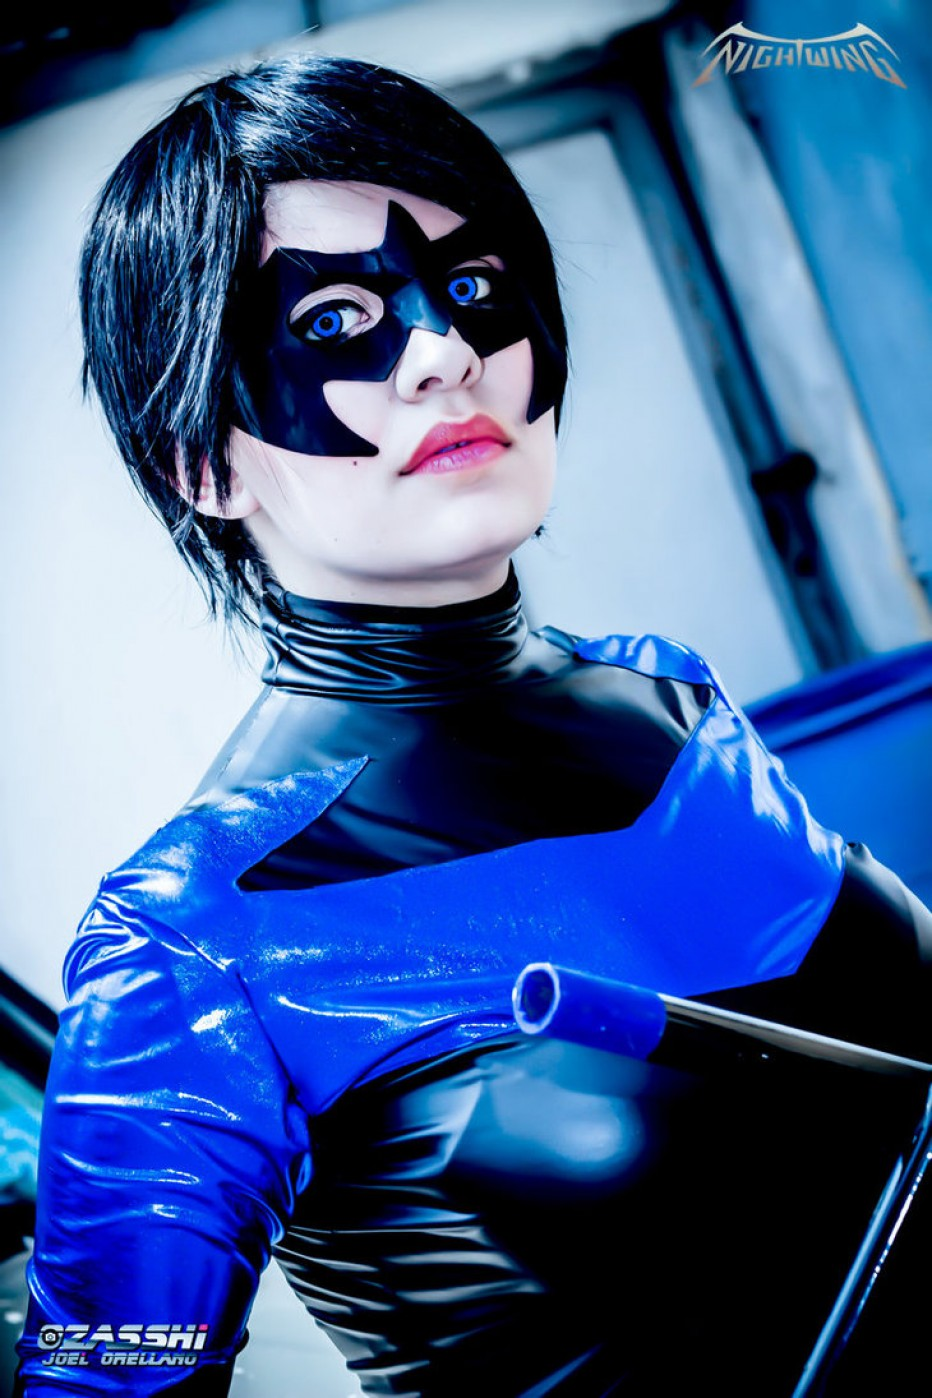 Nightwing-Cosplay-Gamers-Heroes-2.jpg